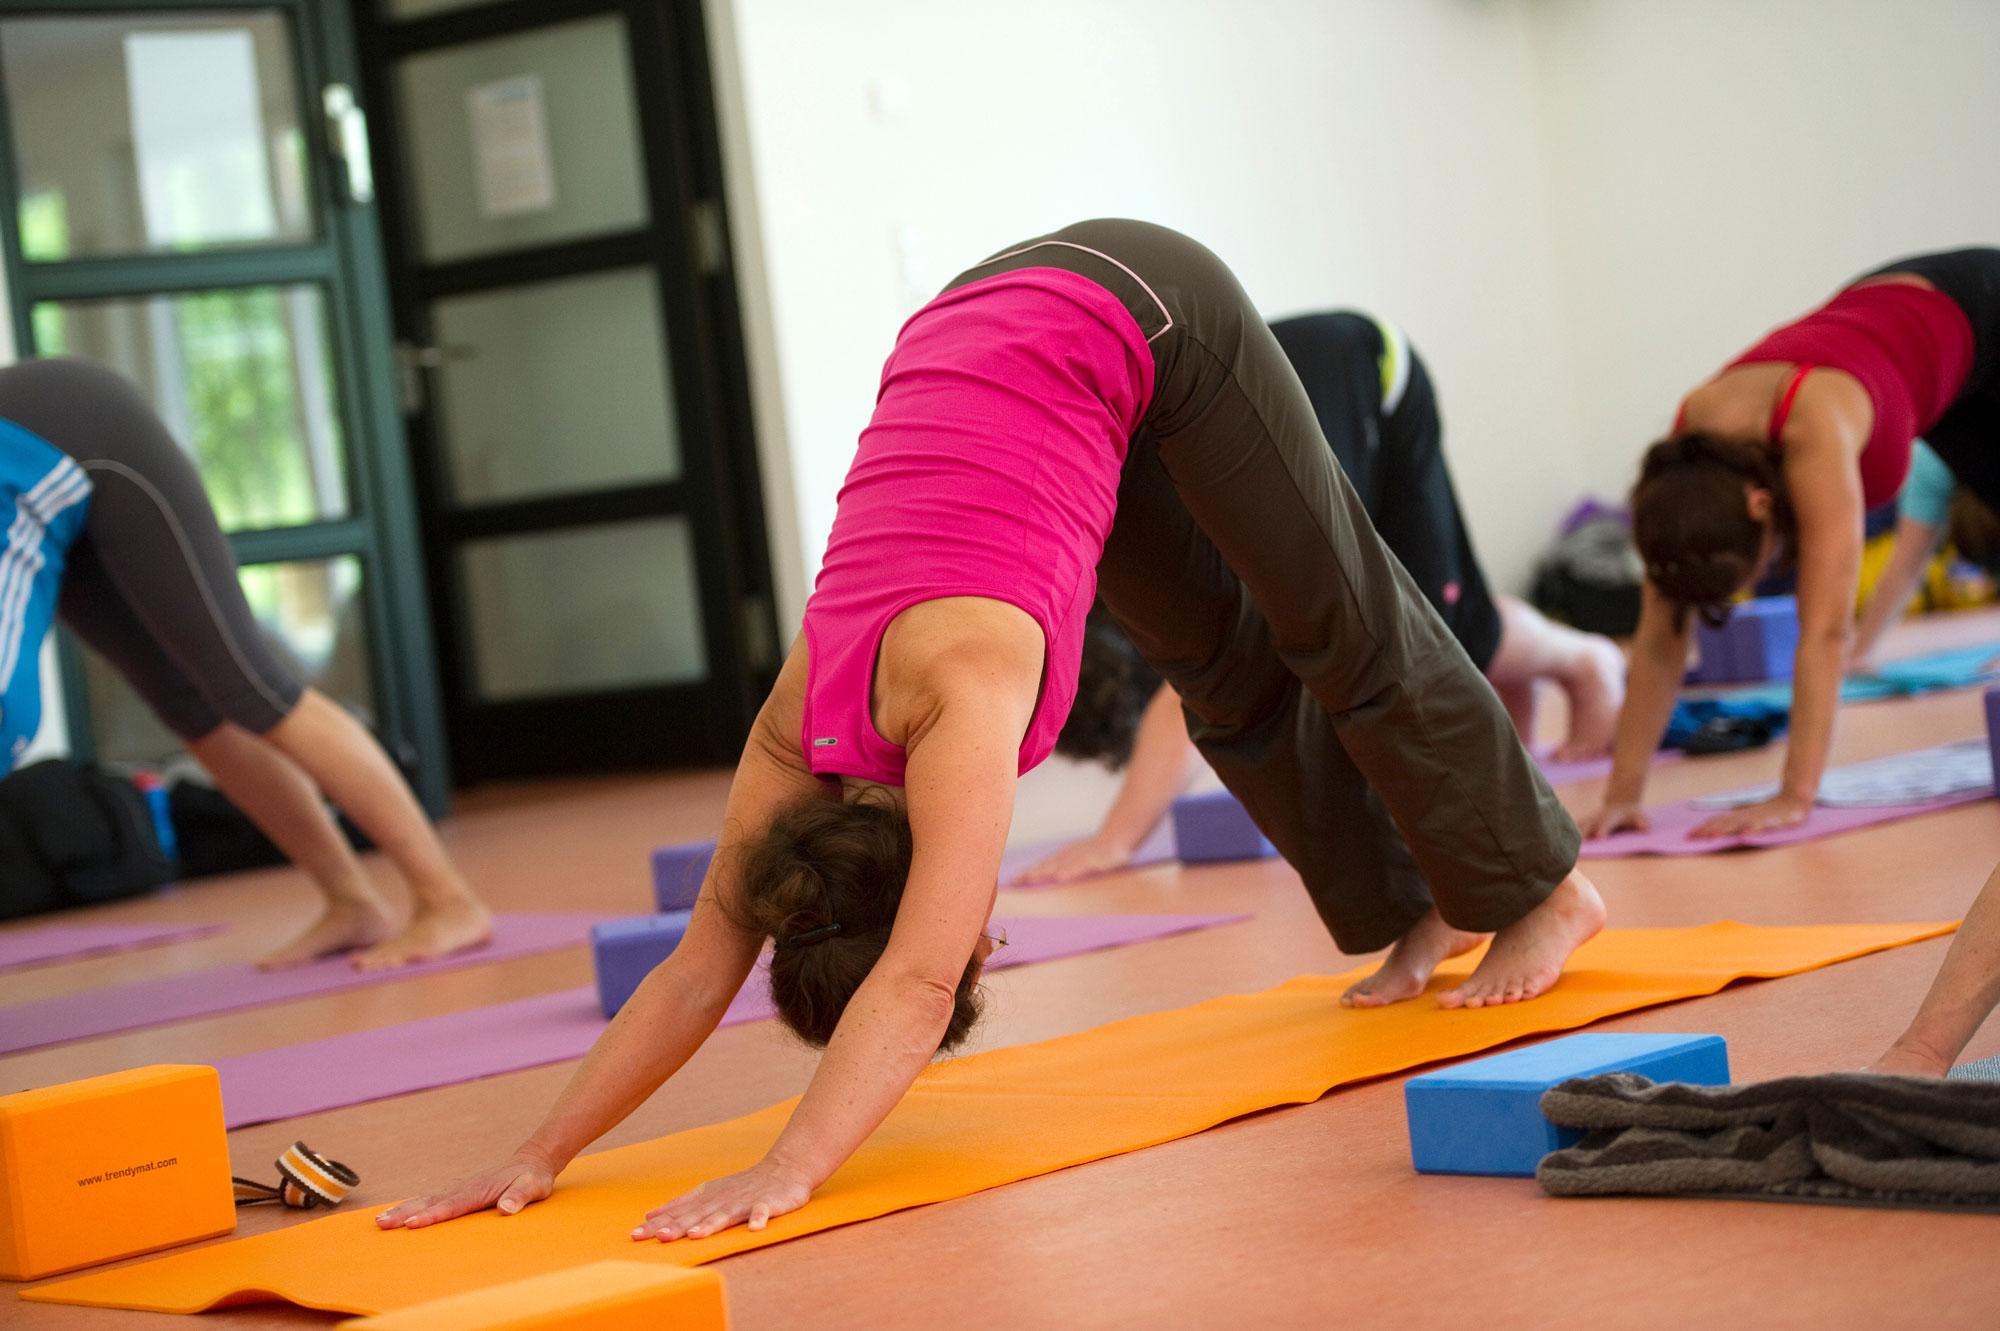 Der KreisSportBund Viersen bietet eine Ausbildung zum YogaFitness Trainer an. (Foto: Bowinkelmann)